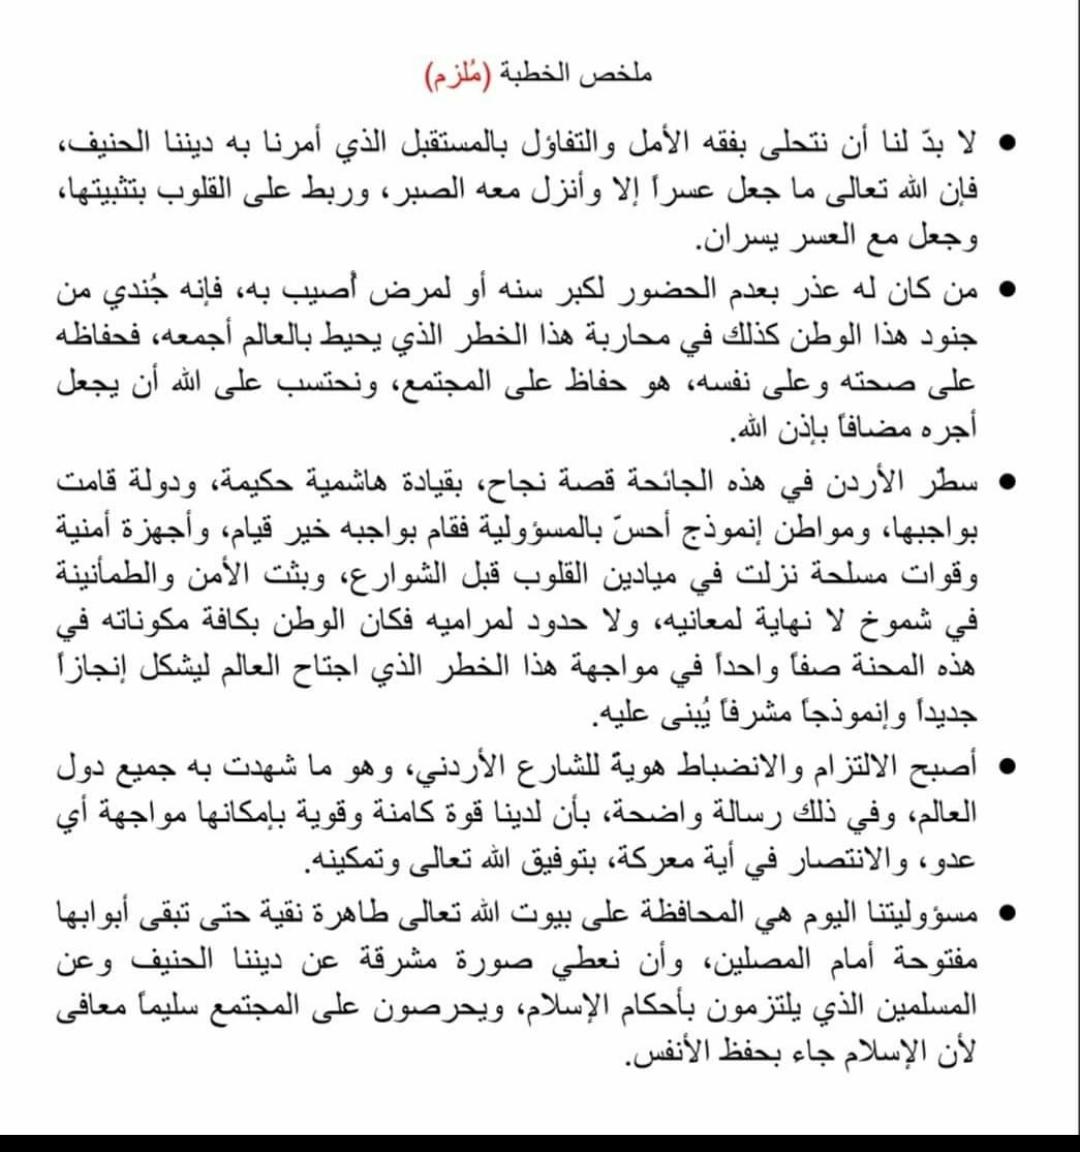 صحيفة الغد محاور أول خطبة جمعة بعد إغلاق المساجد بسبب جائحة